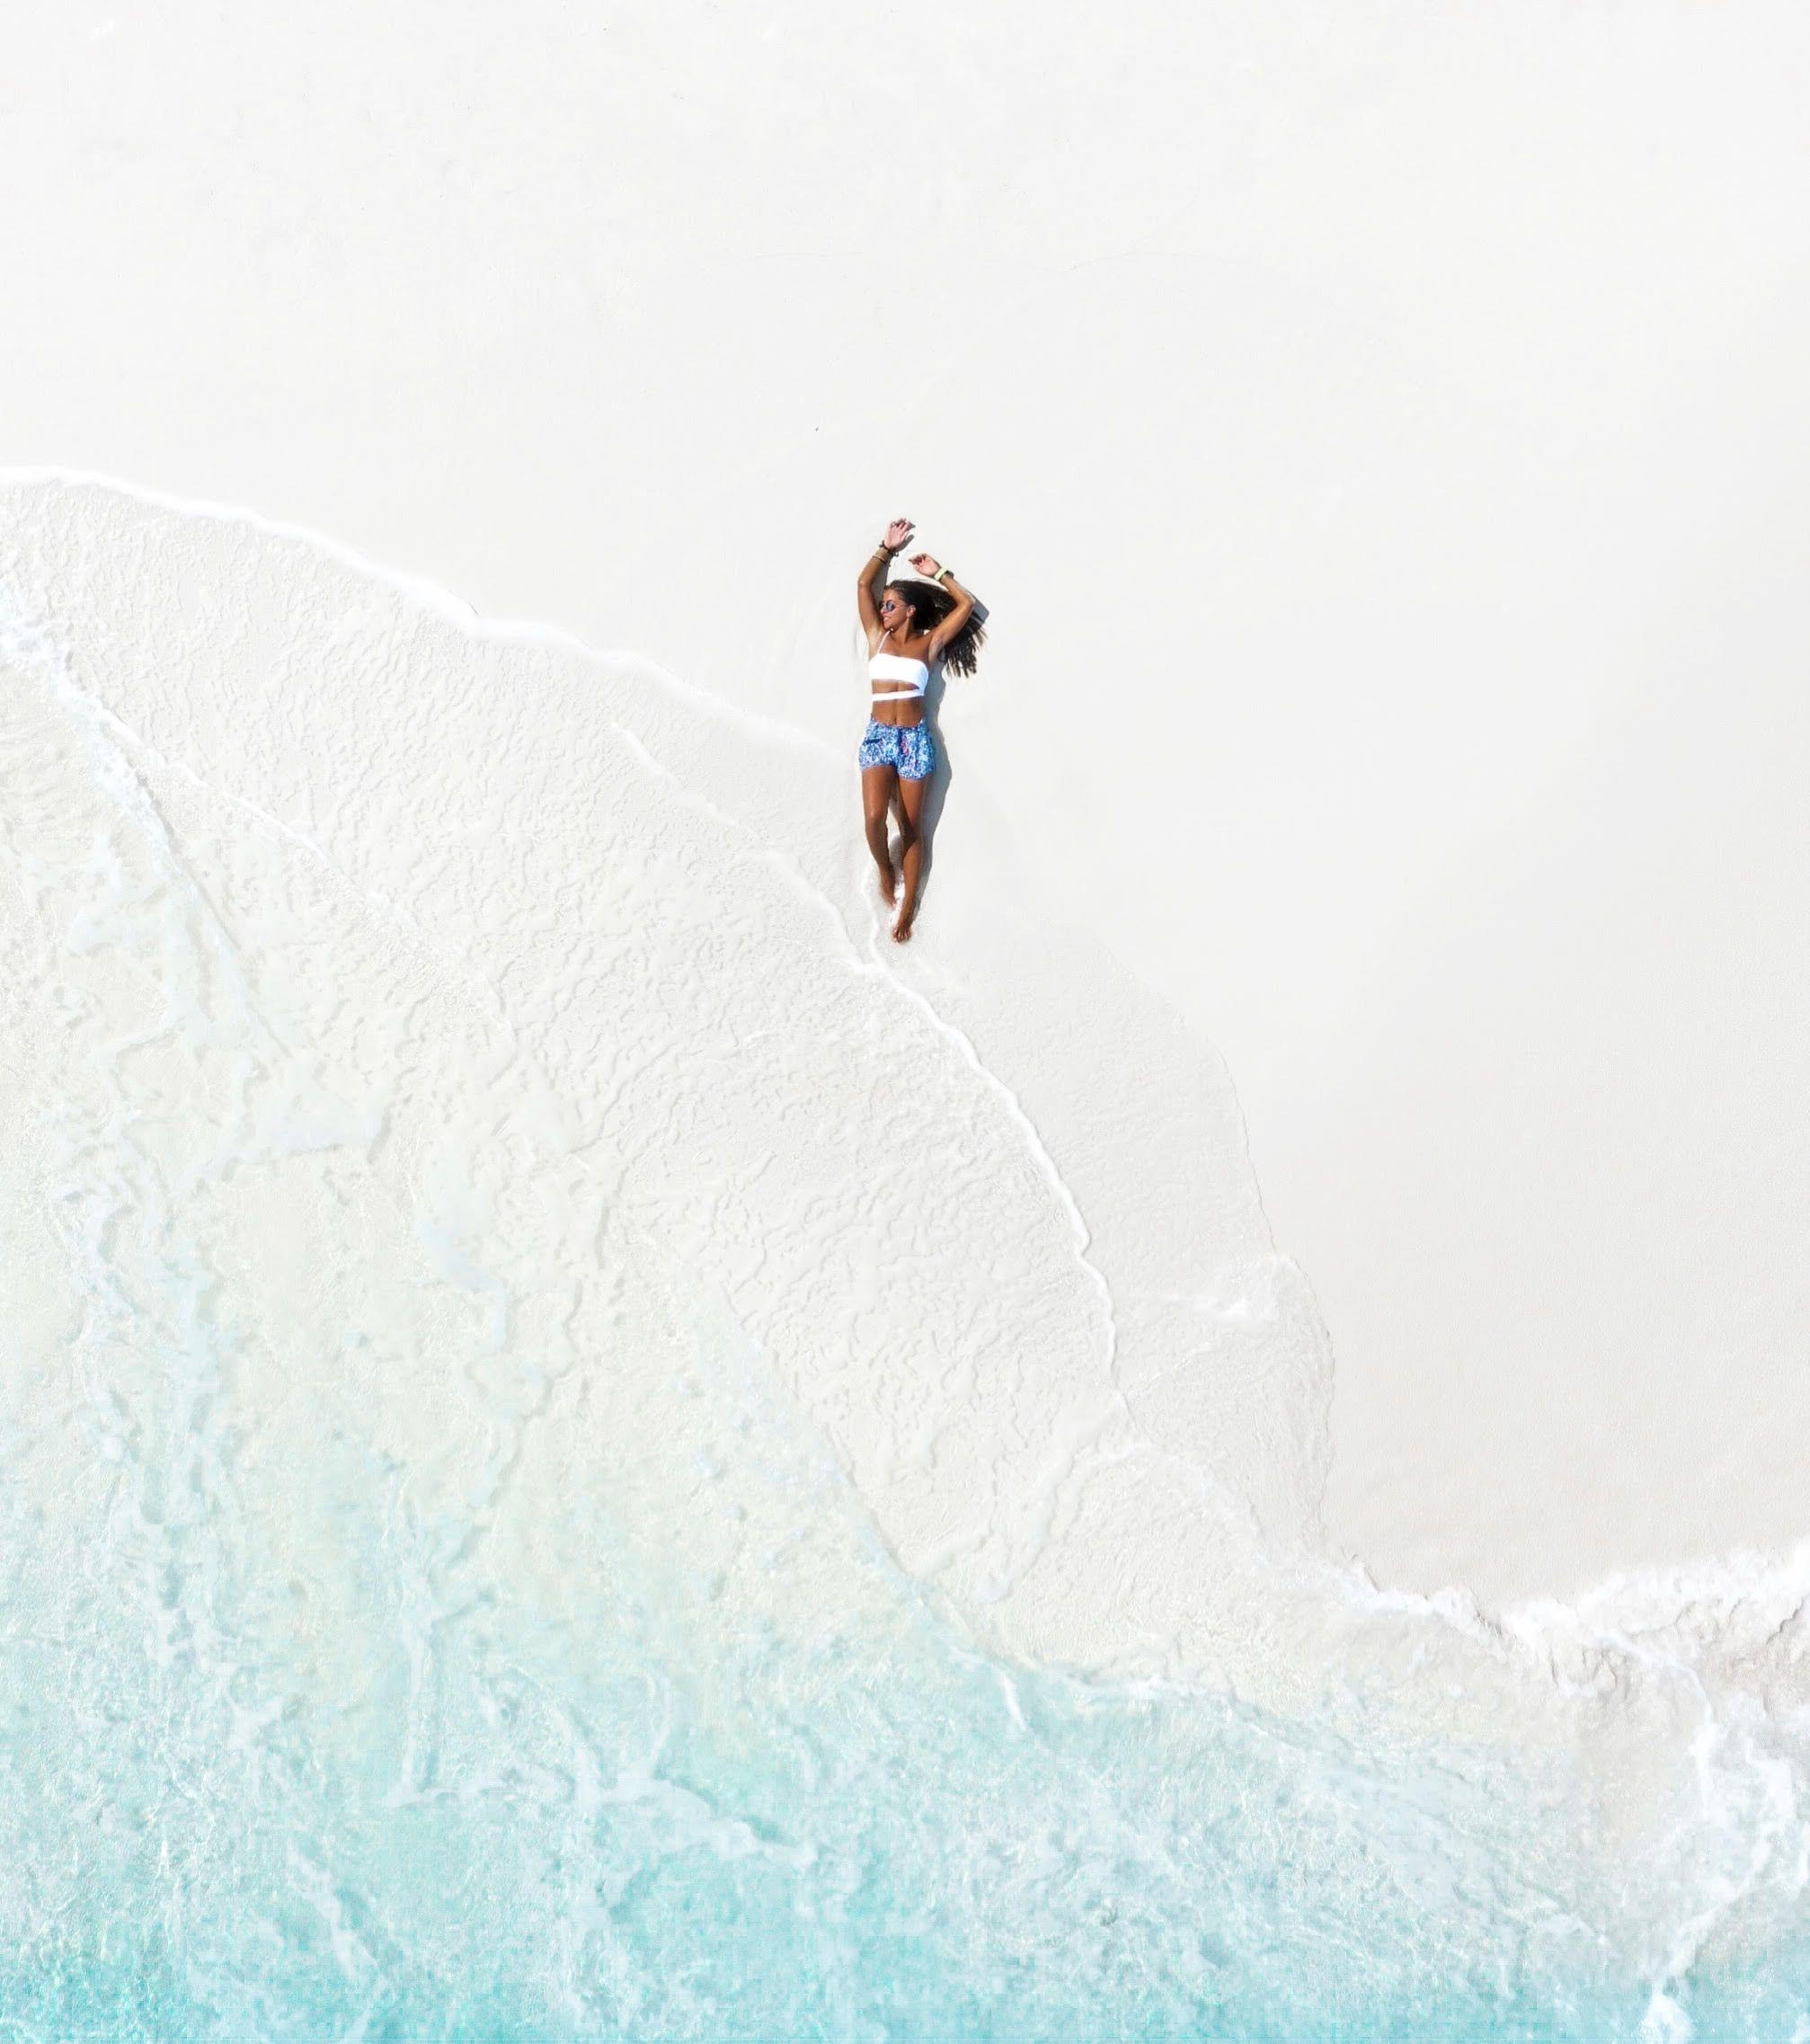 Deset aktivnosti na ostrvu Mafuši - Maldivi